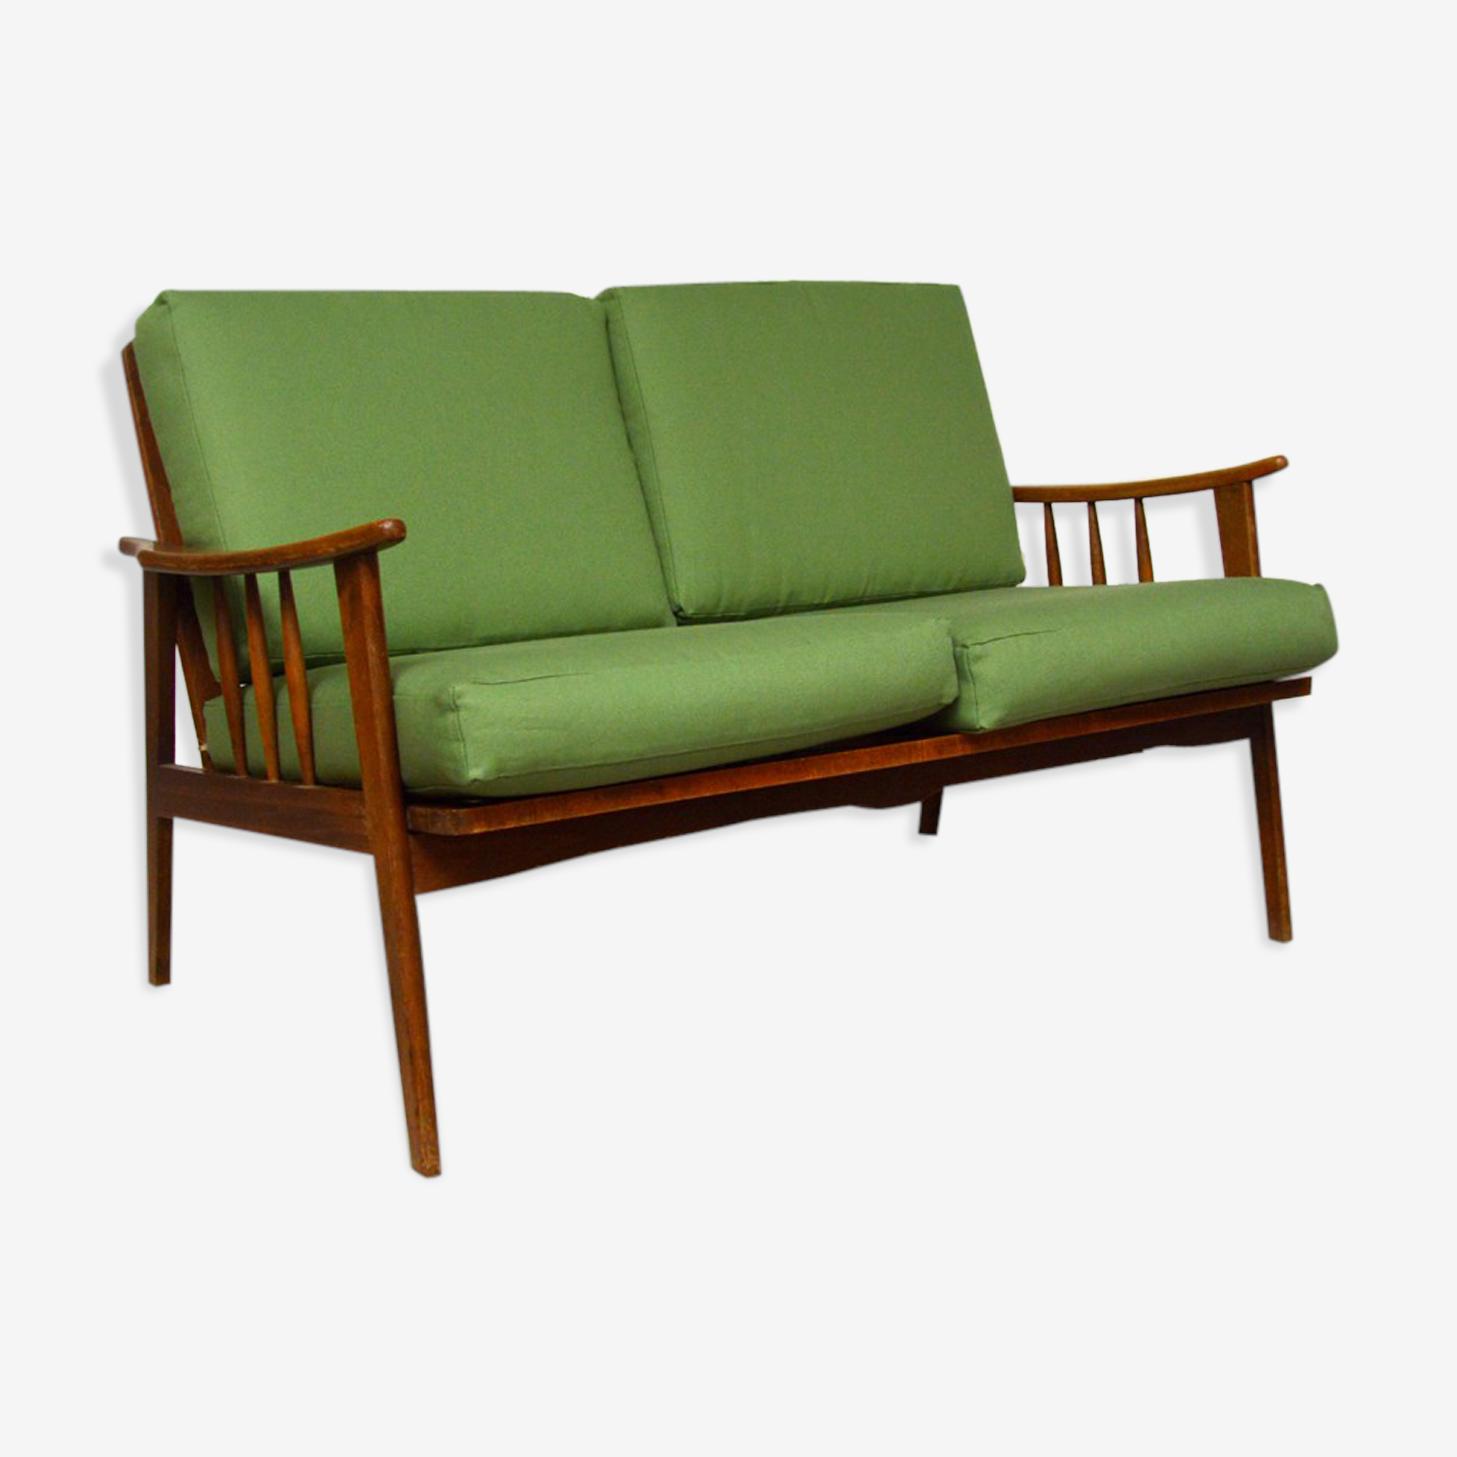 Sofa seat 2 places 60s vintage